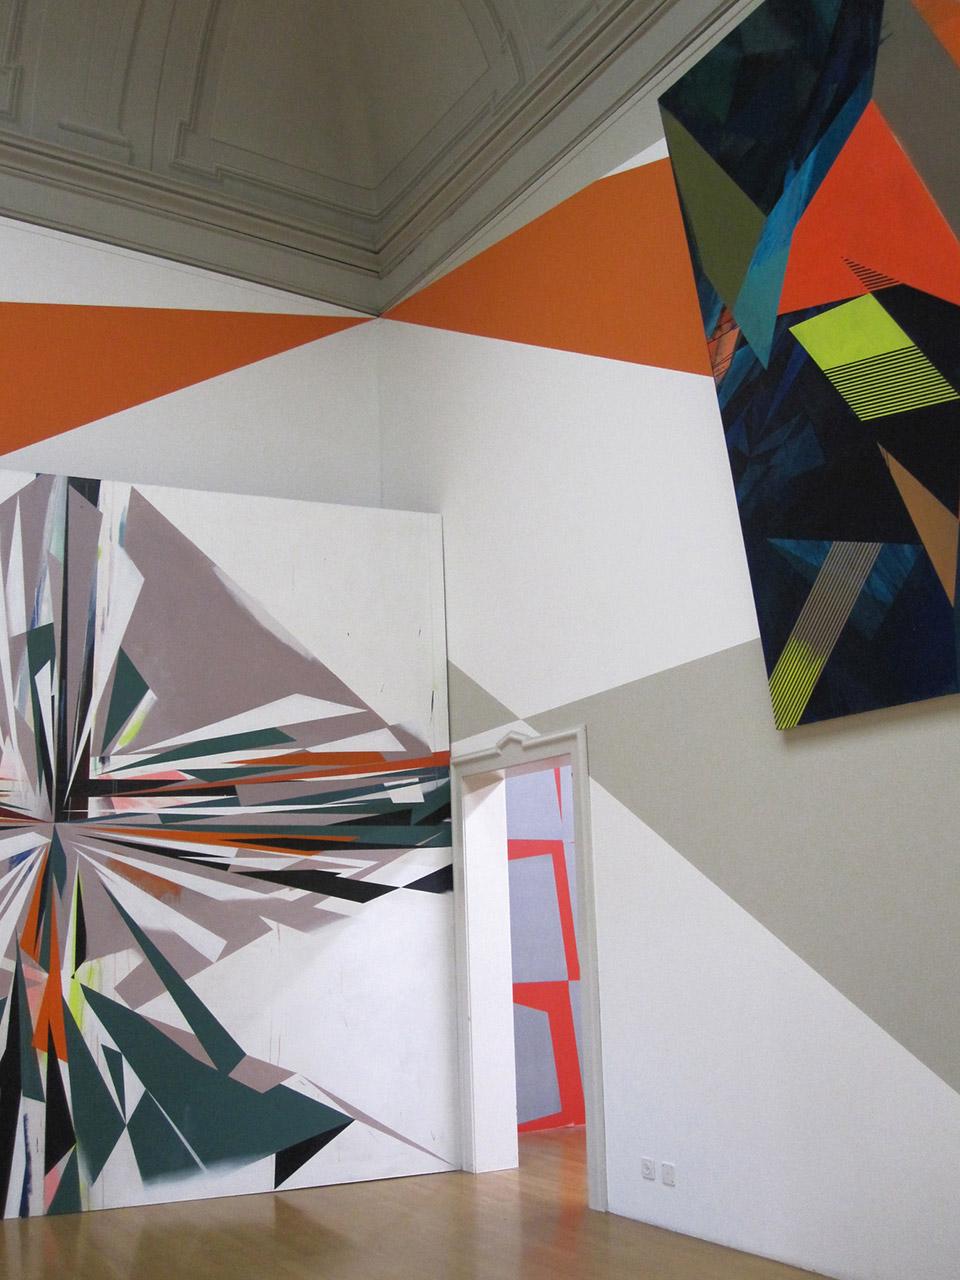 Jaime-Gili-Kunsthalle-Winterthur-2009-3.jpg